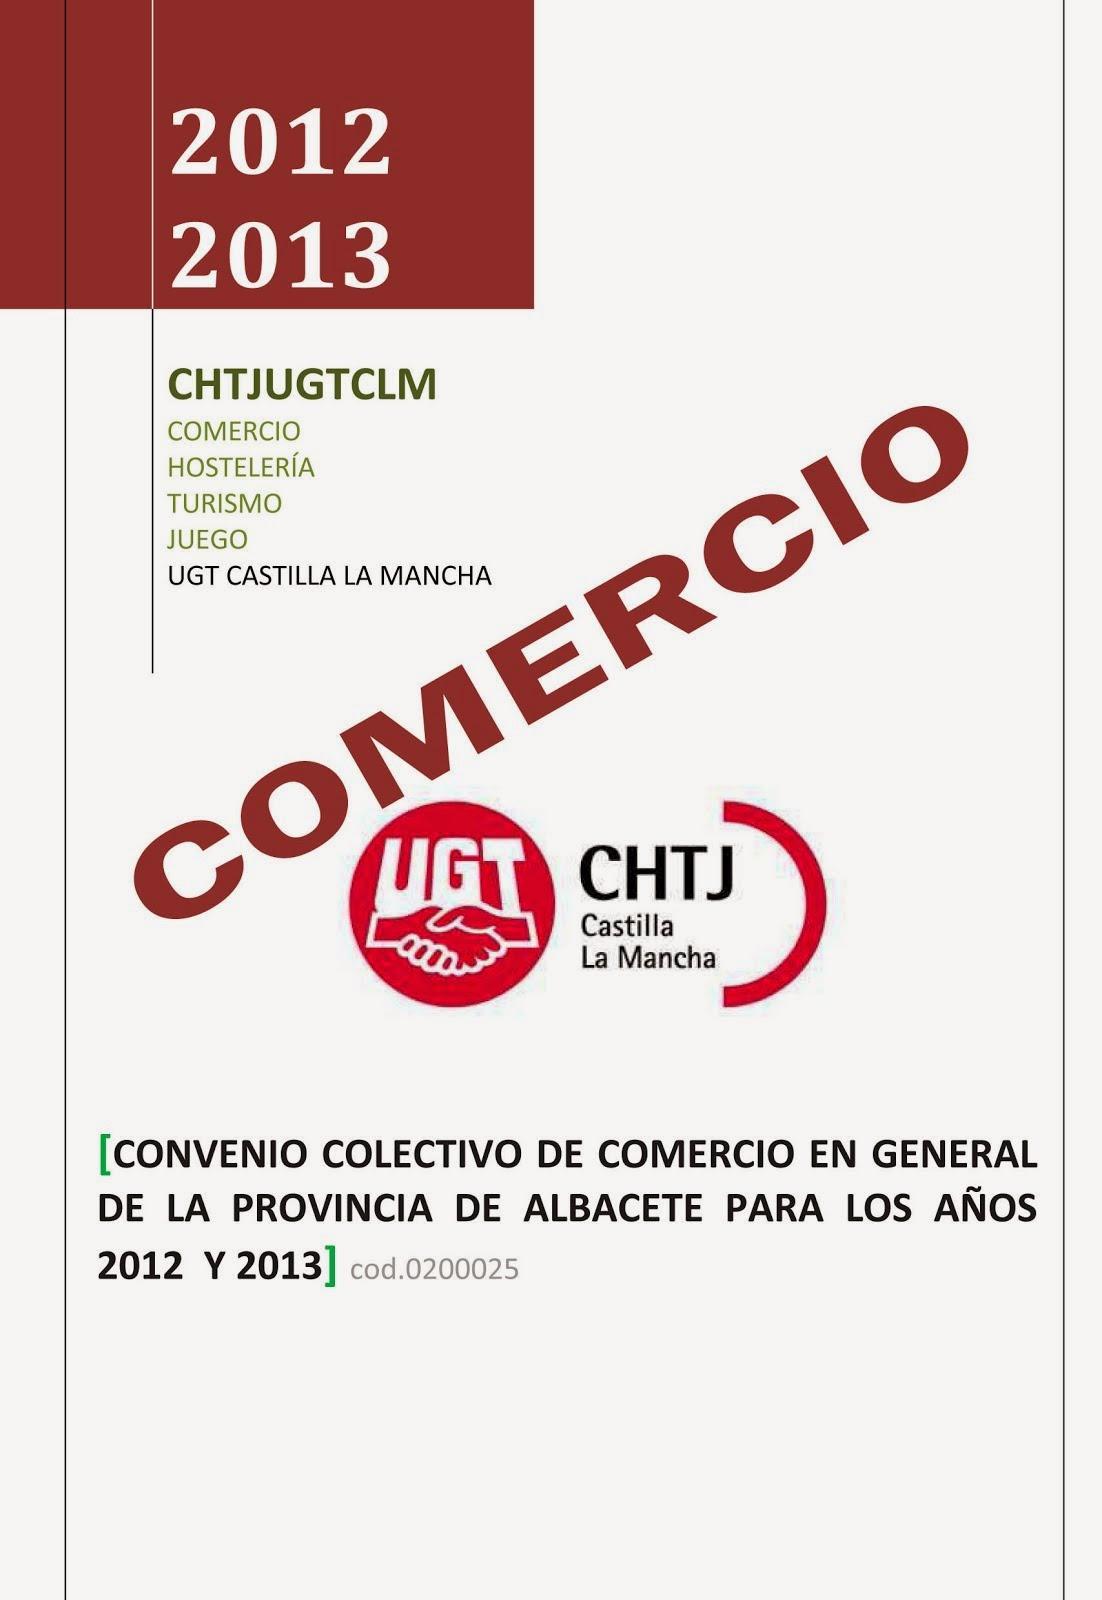 CONVENIO COMERCIO ALBACETE